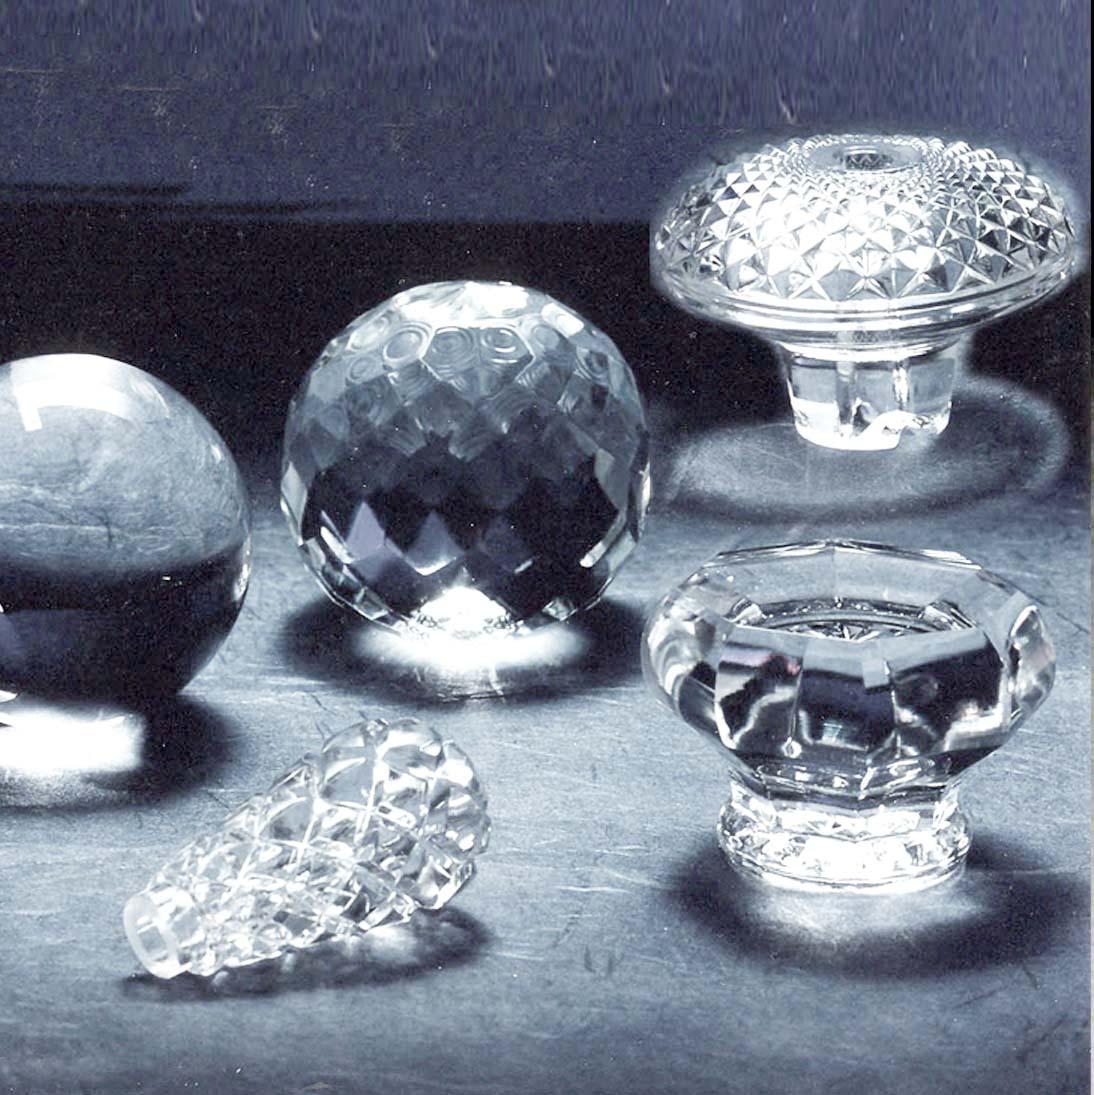 kuchenmobel turgriffe : Bei Sch?bel Kristallglas erhalten Sie eine Vielzahl an ...